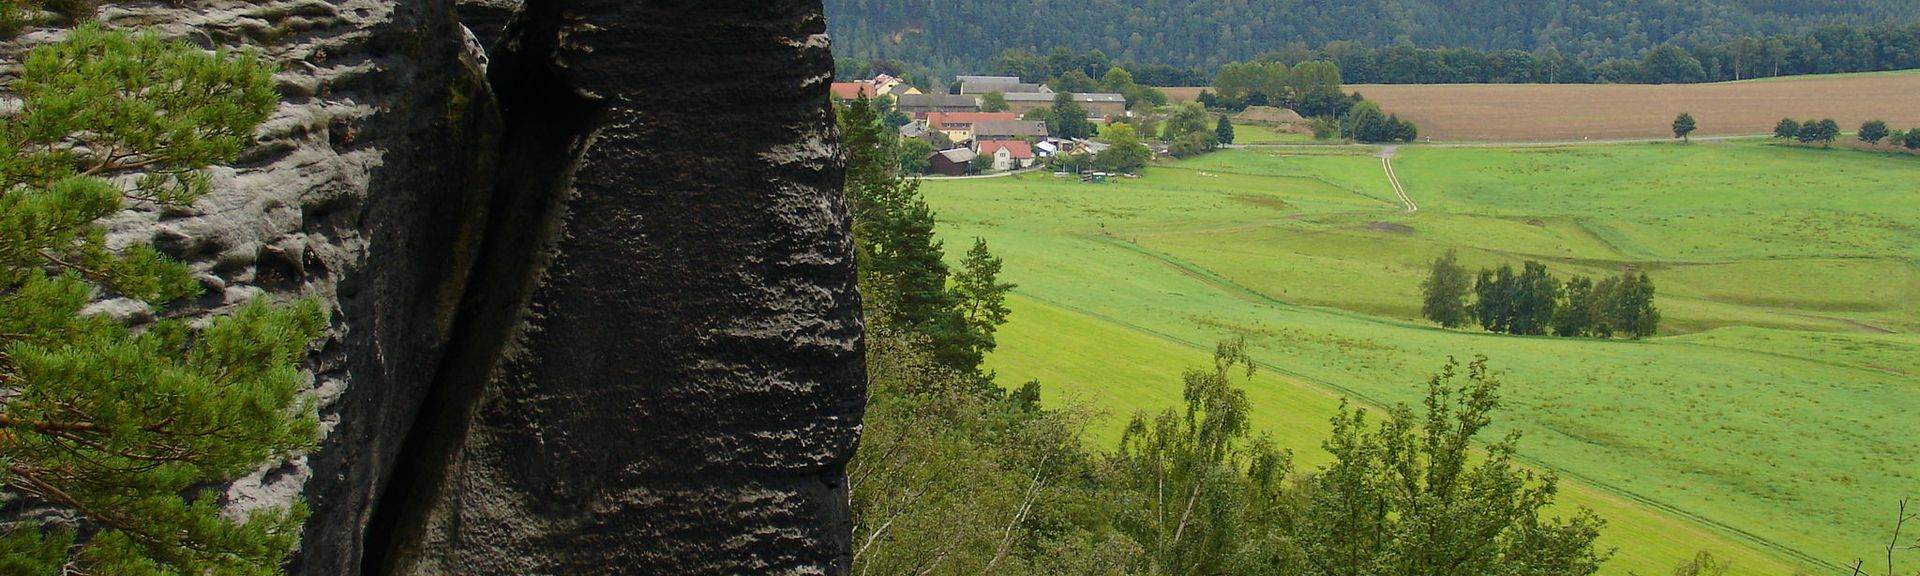 Altenberg Skilift, Altenberg, Saxony, Germany